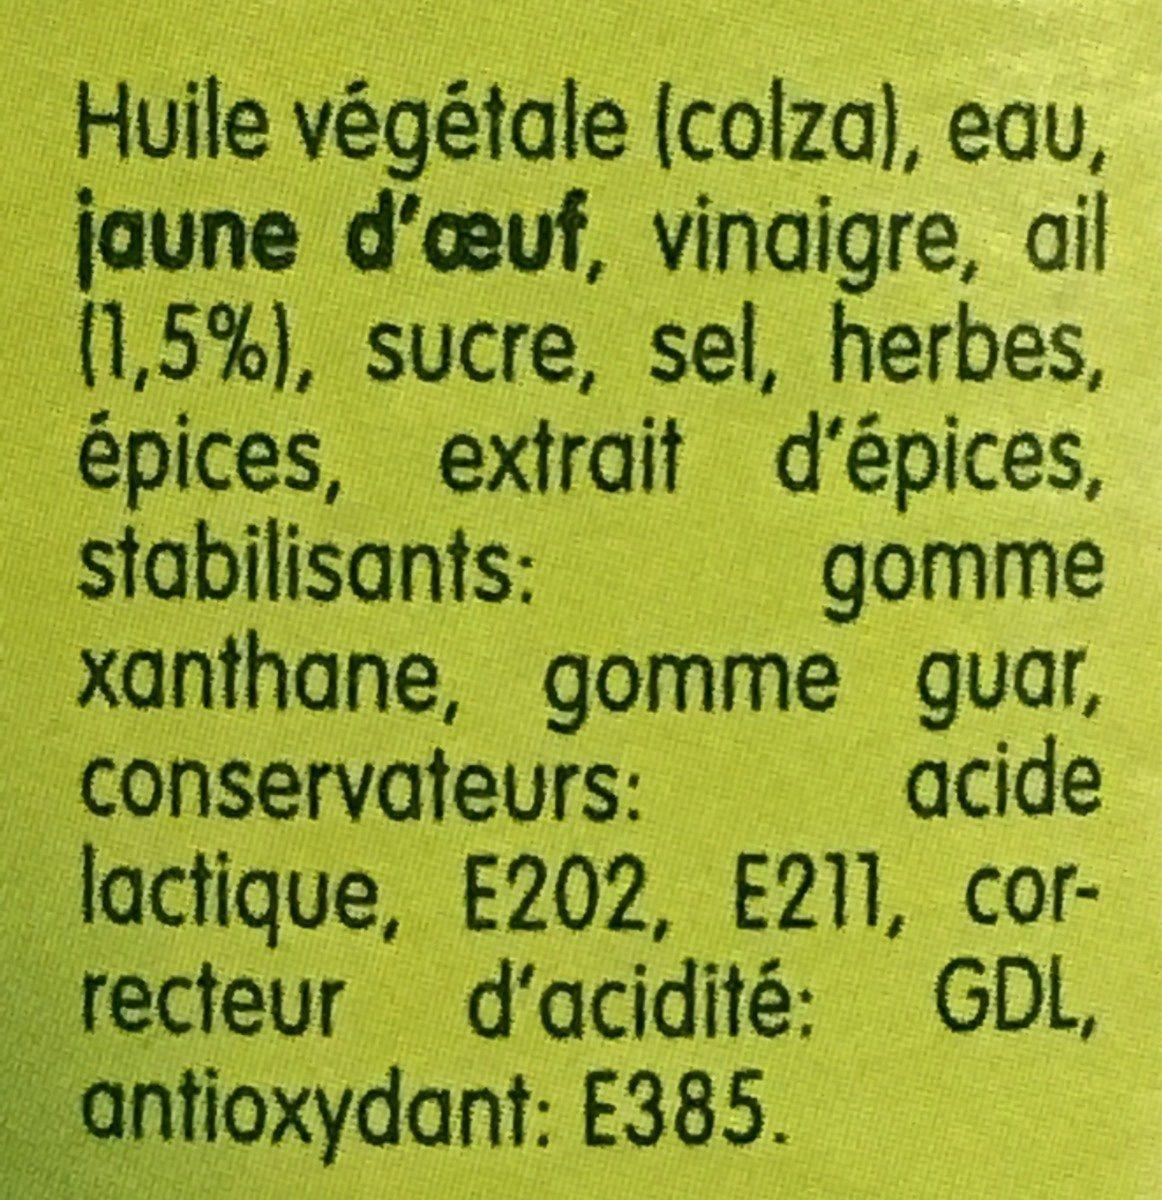 La sauce belge pita - Ingrédients - fr